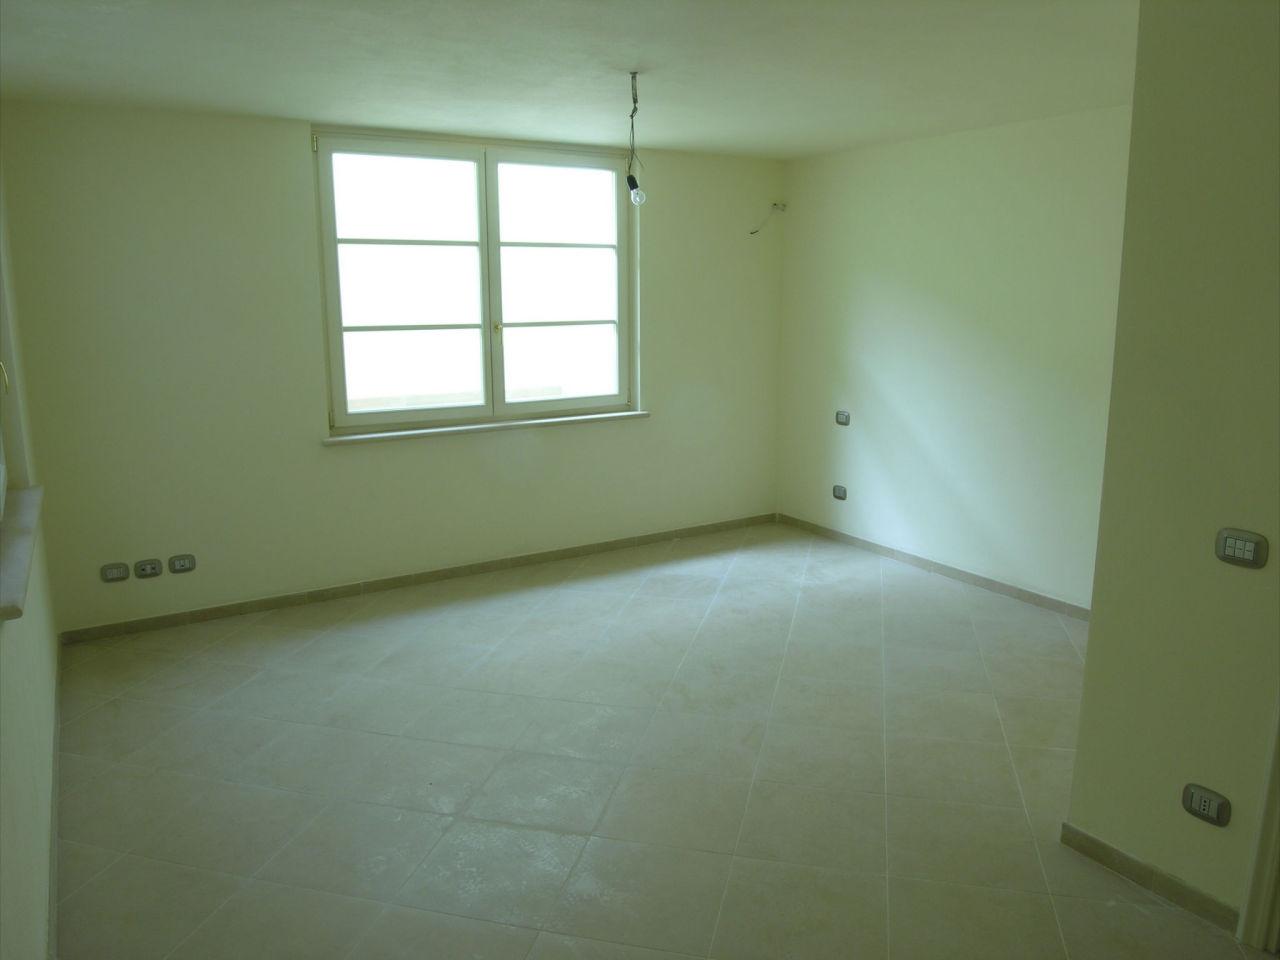 Ufficio in vendita, rif. 105658